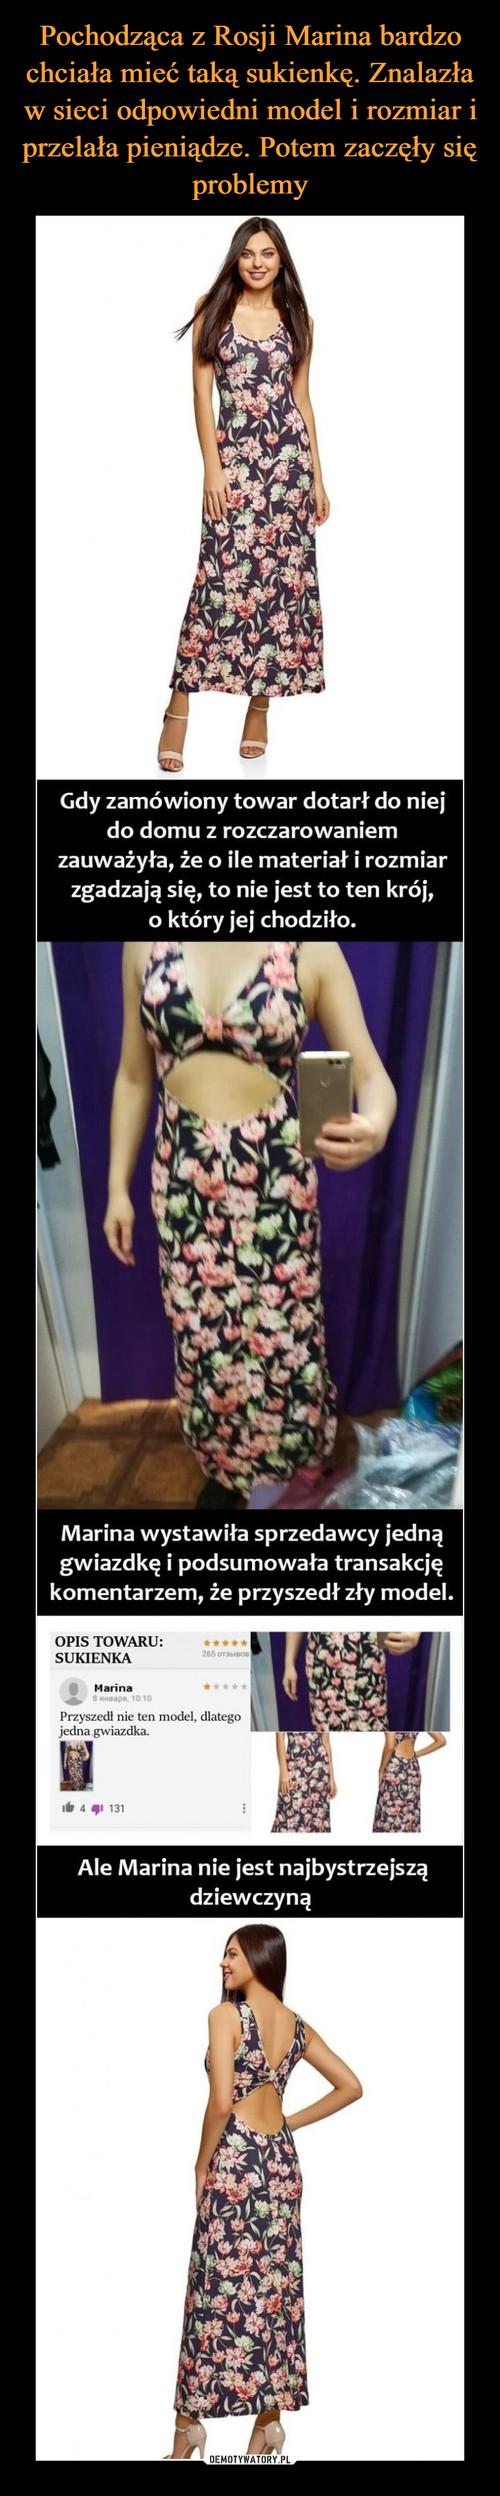 Pochodząca z Rosji Marina bardzo chciała mieć taką sukienkę. Znalazła w sieci odpowiedni model i rozmiar i przelała pieniądze. Potem zaczęły się problemy